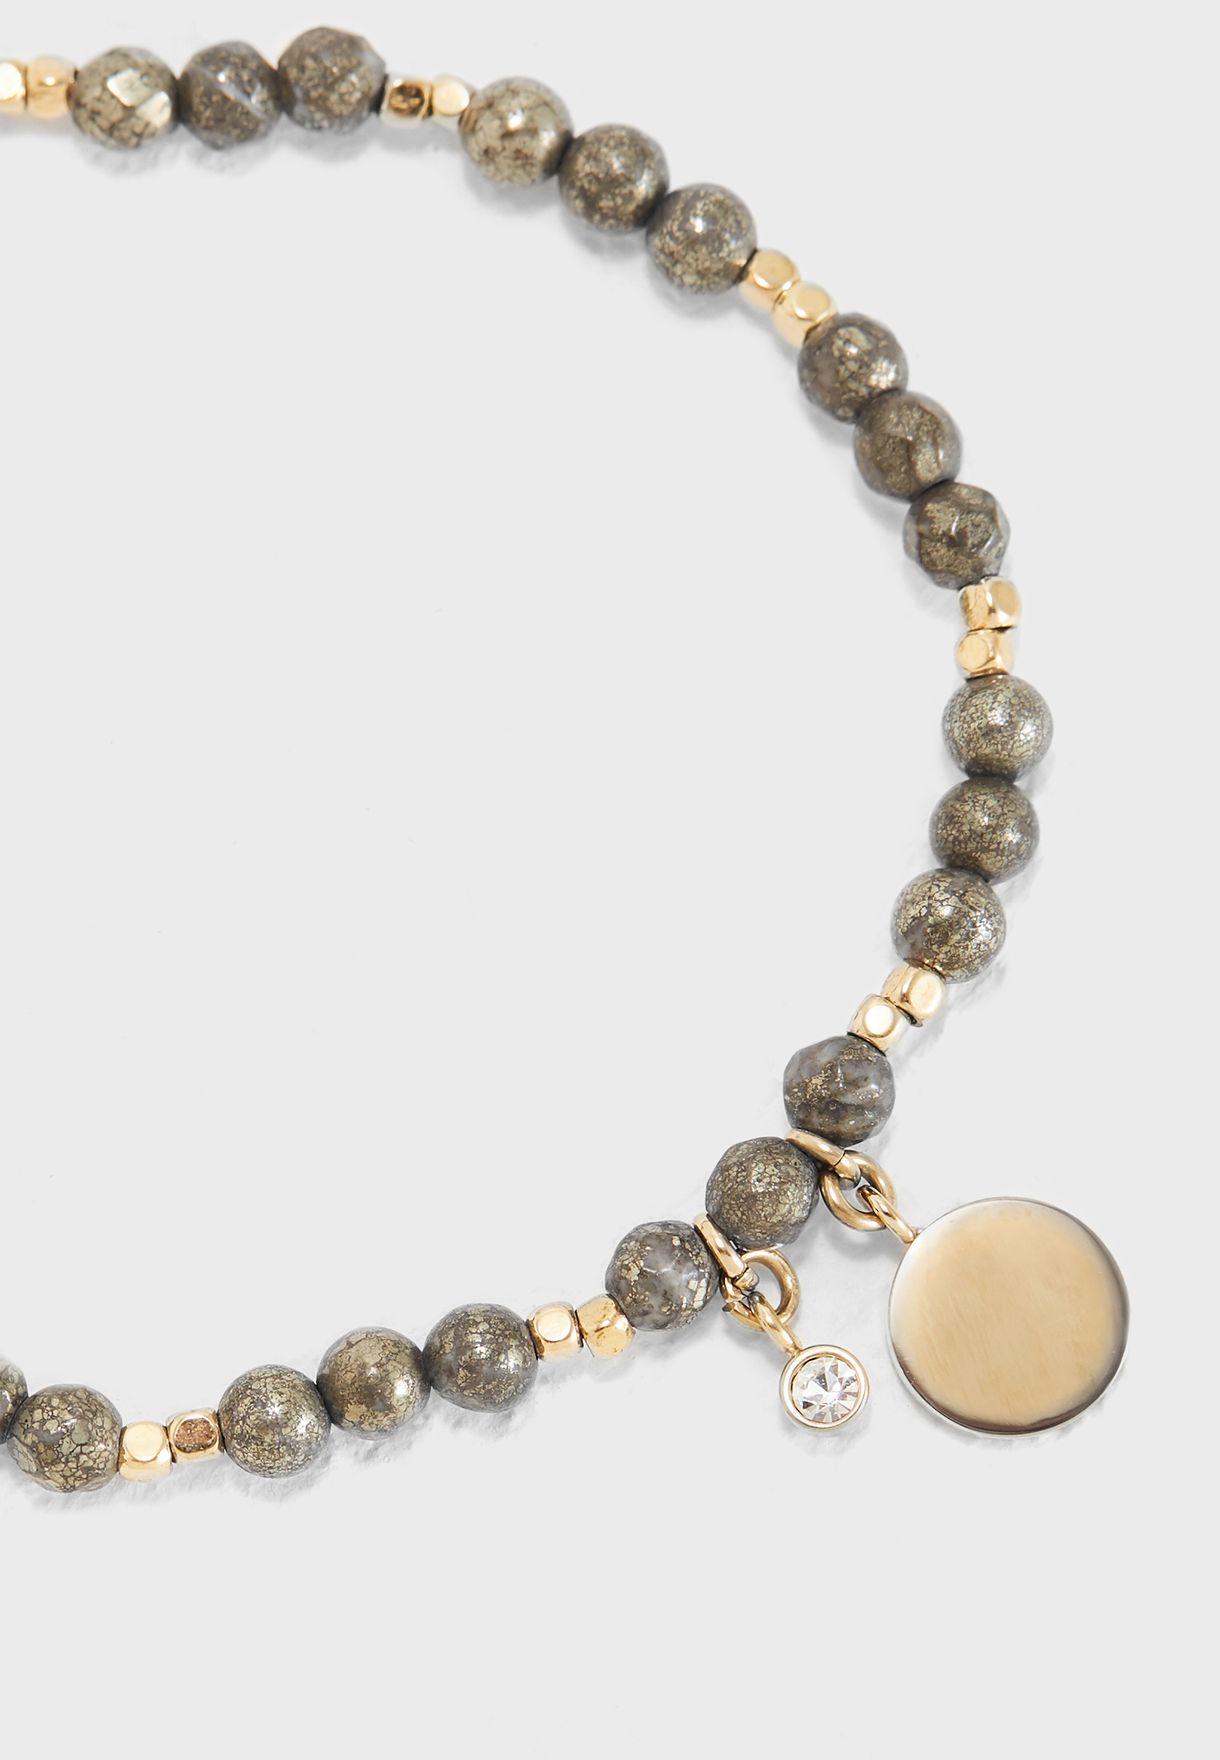 JA6984710 Vintage Motifs Bracelet